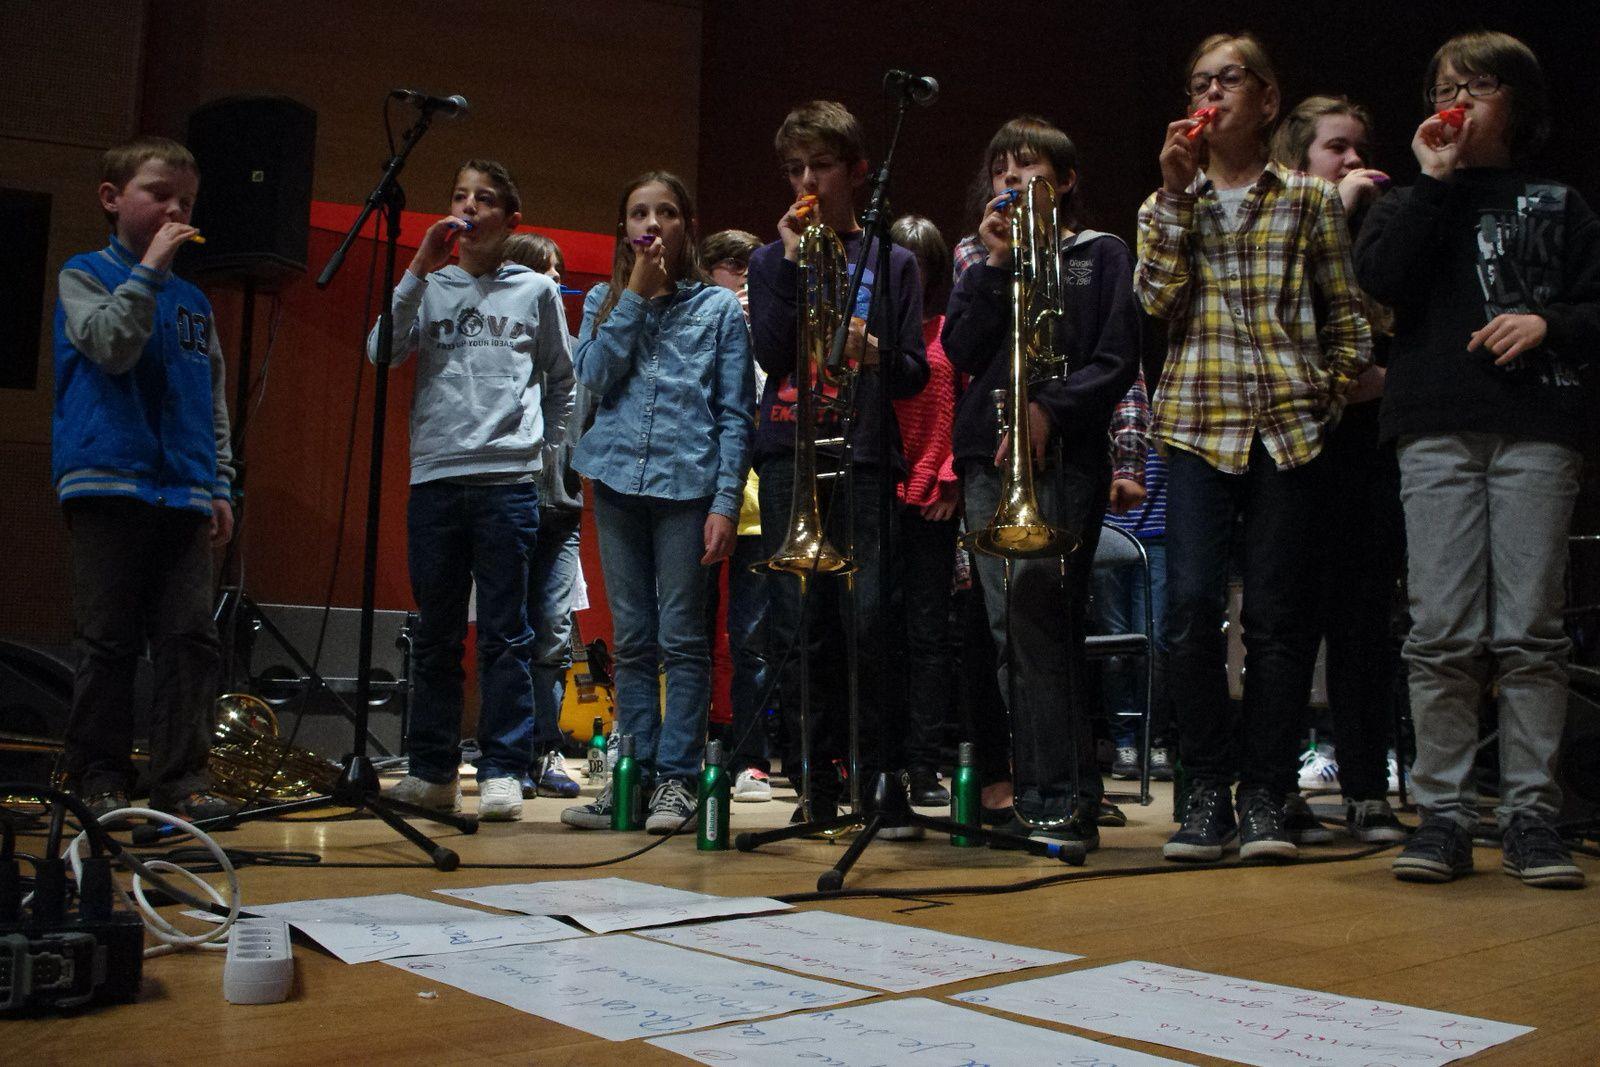 Les Harpsliders et leurs élèves de blues - 11 avril 2014 - Conservatoire de Tourcoing (59)